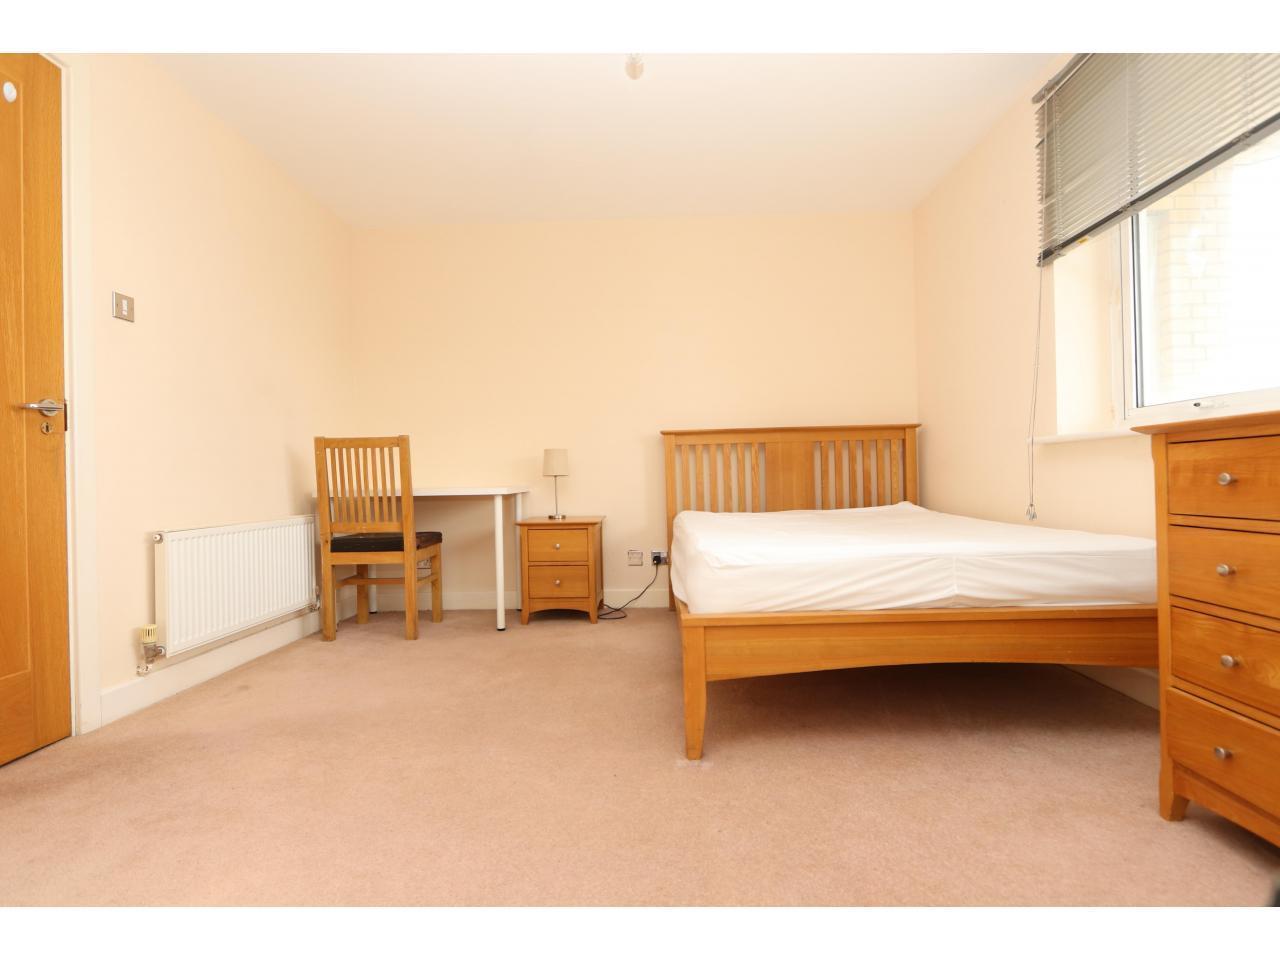 Приватная резиденция - Большая комната с балконом - 2